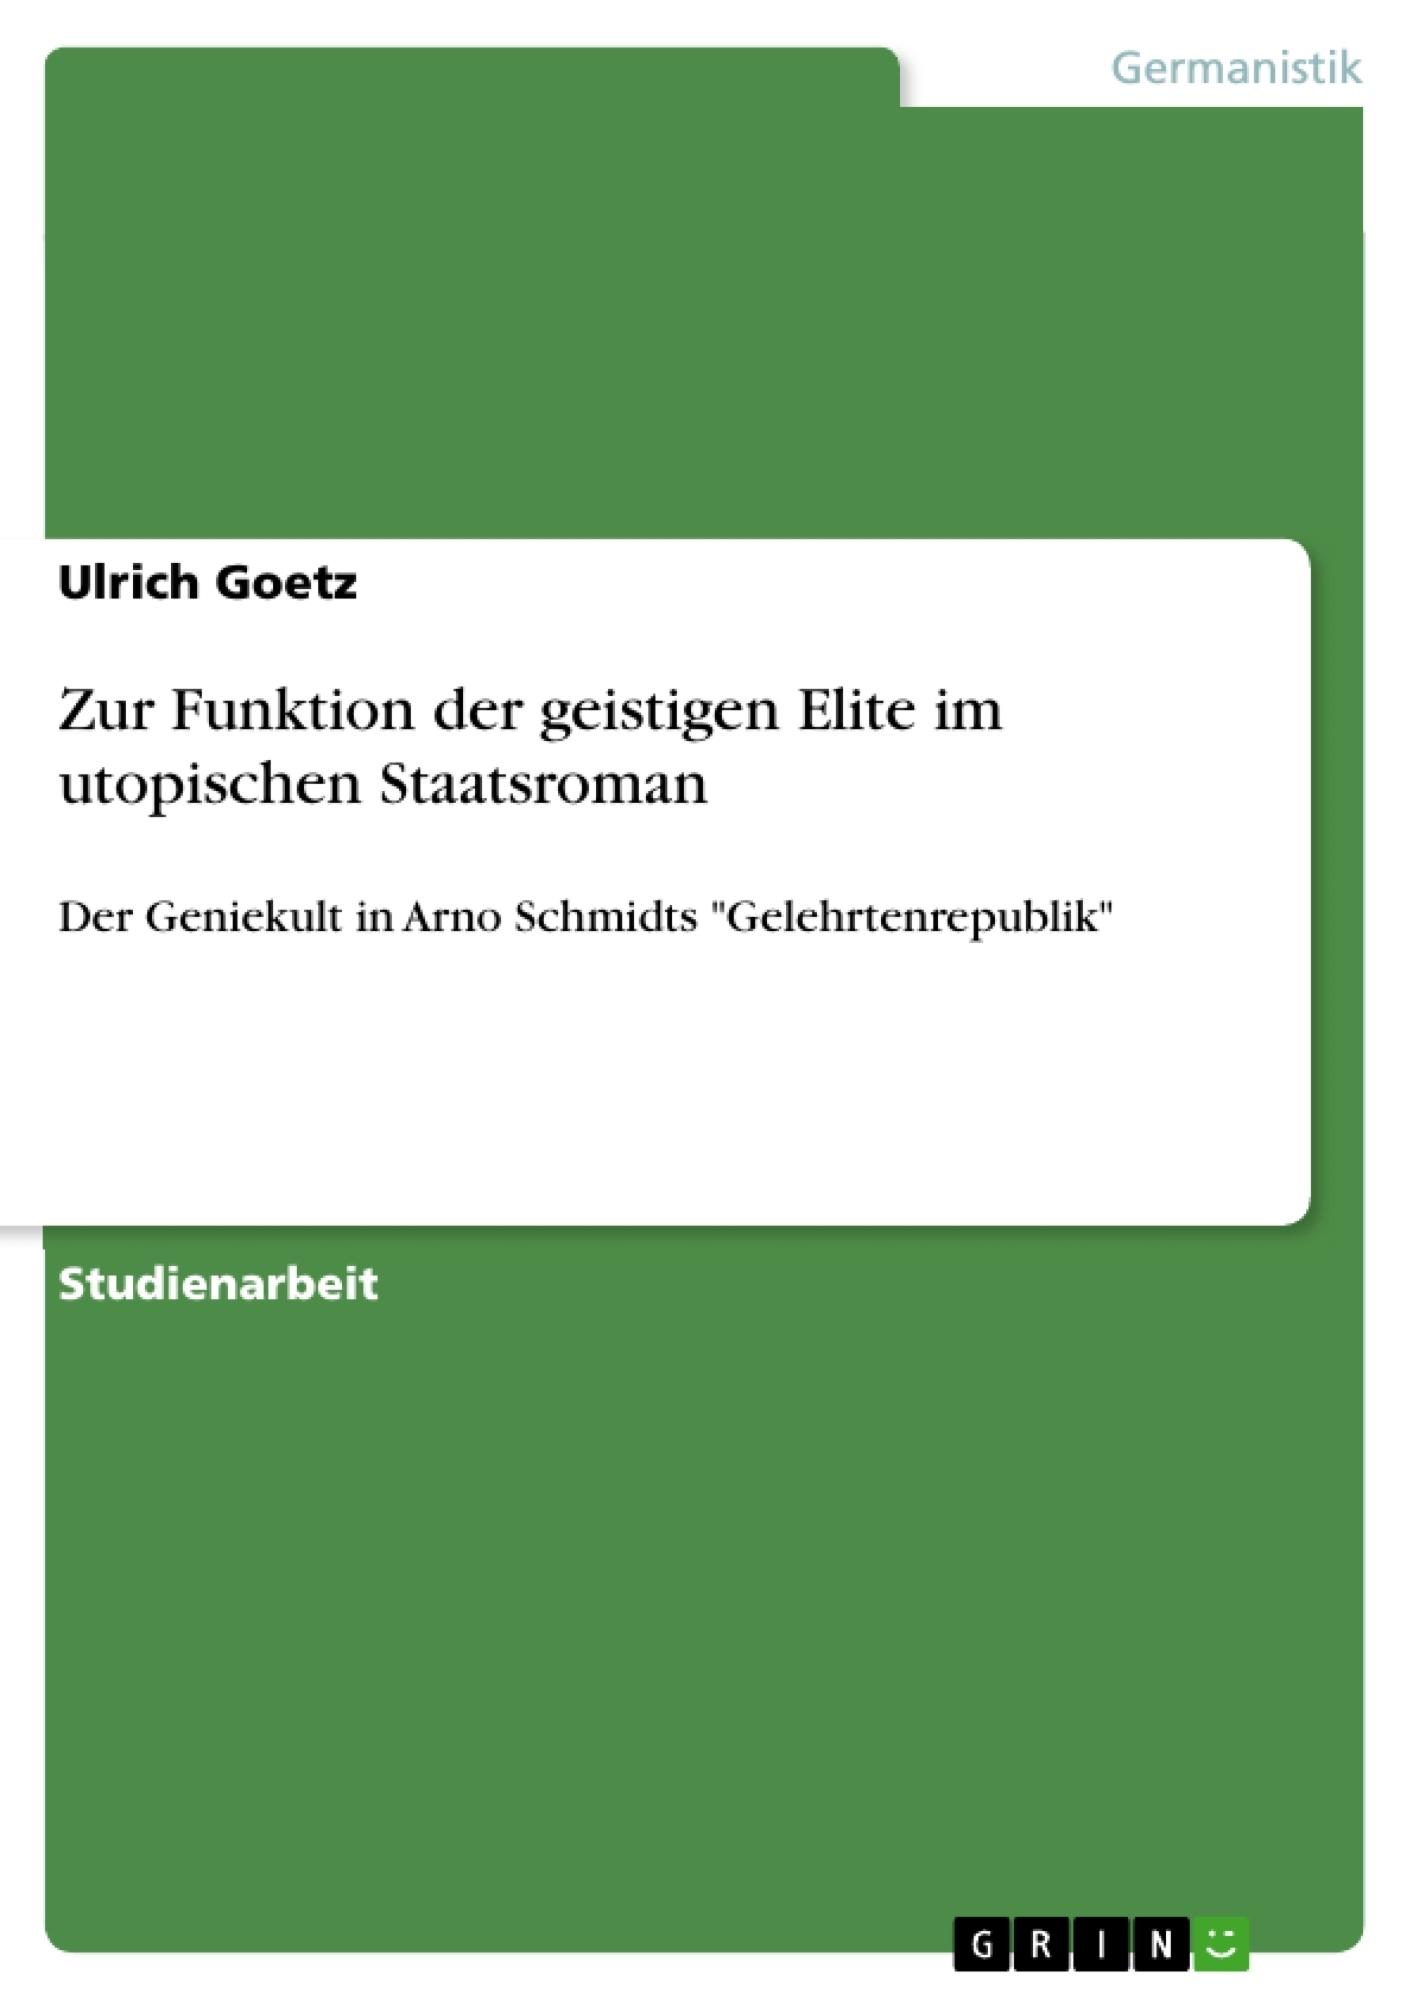 Titel: Zur Funktion der geistigen Elite im utopischen Staatsroman